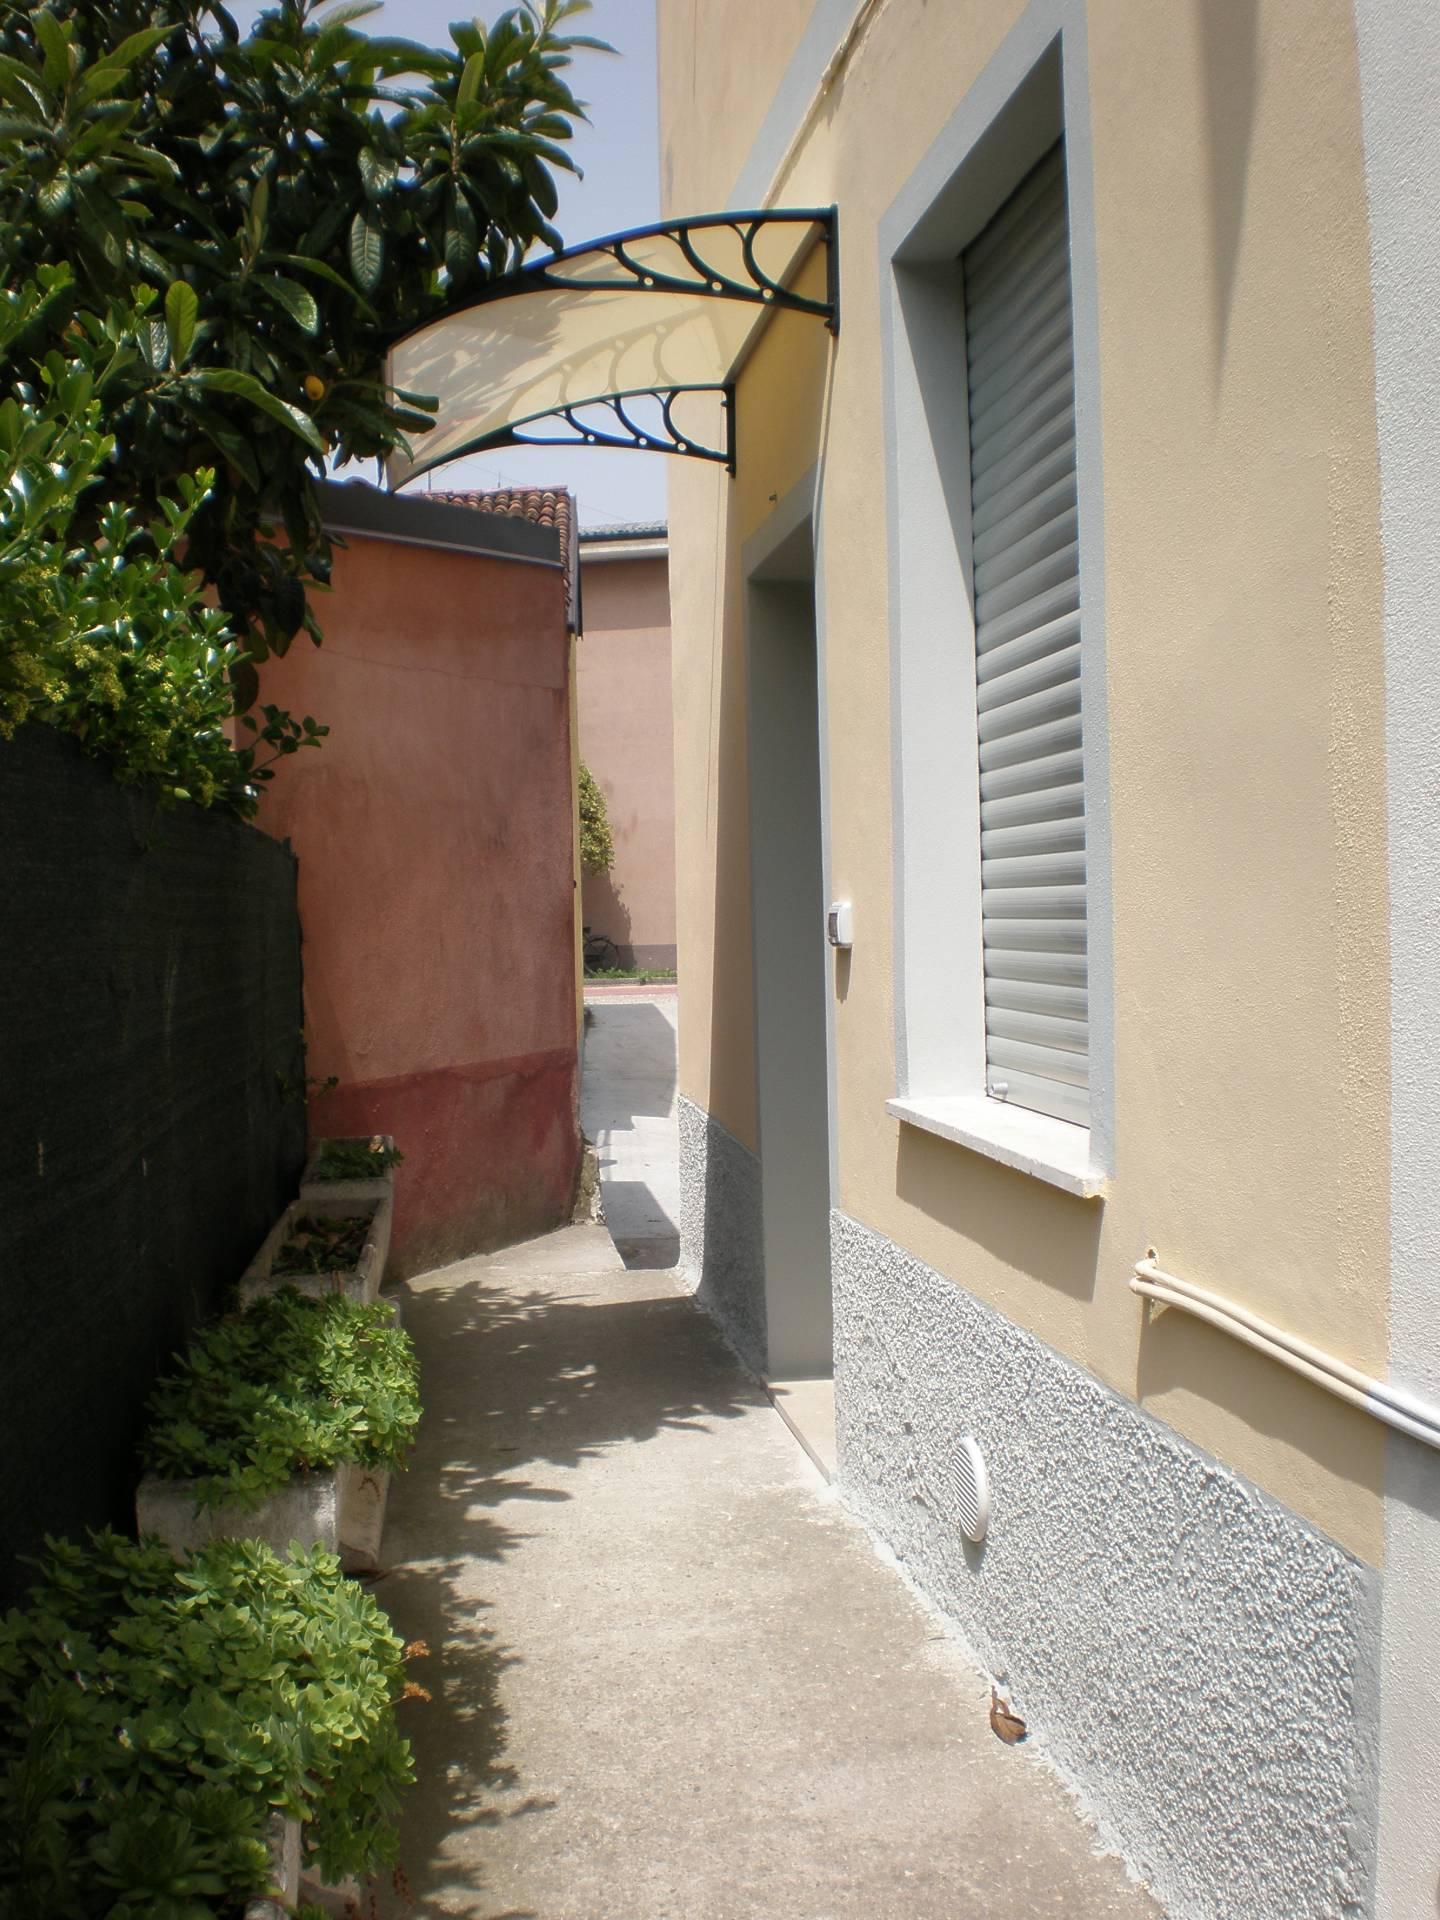 Appartamento in vendita a Boffalora d'Adda, 2 locali, prezzo € 58.000 | CambioCasa.it